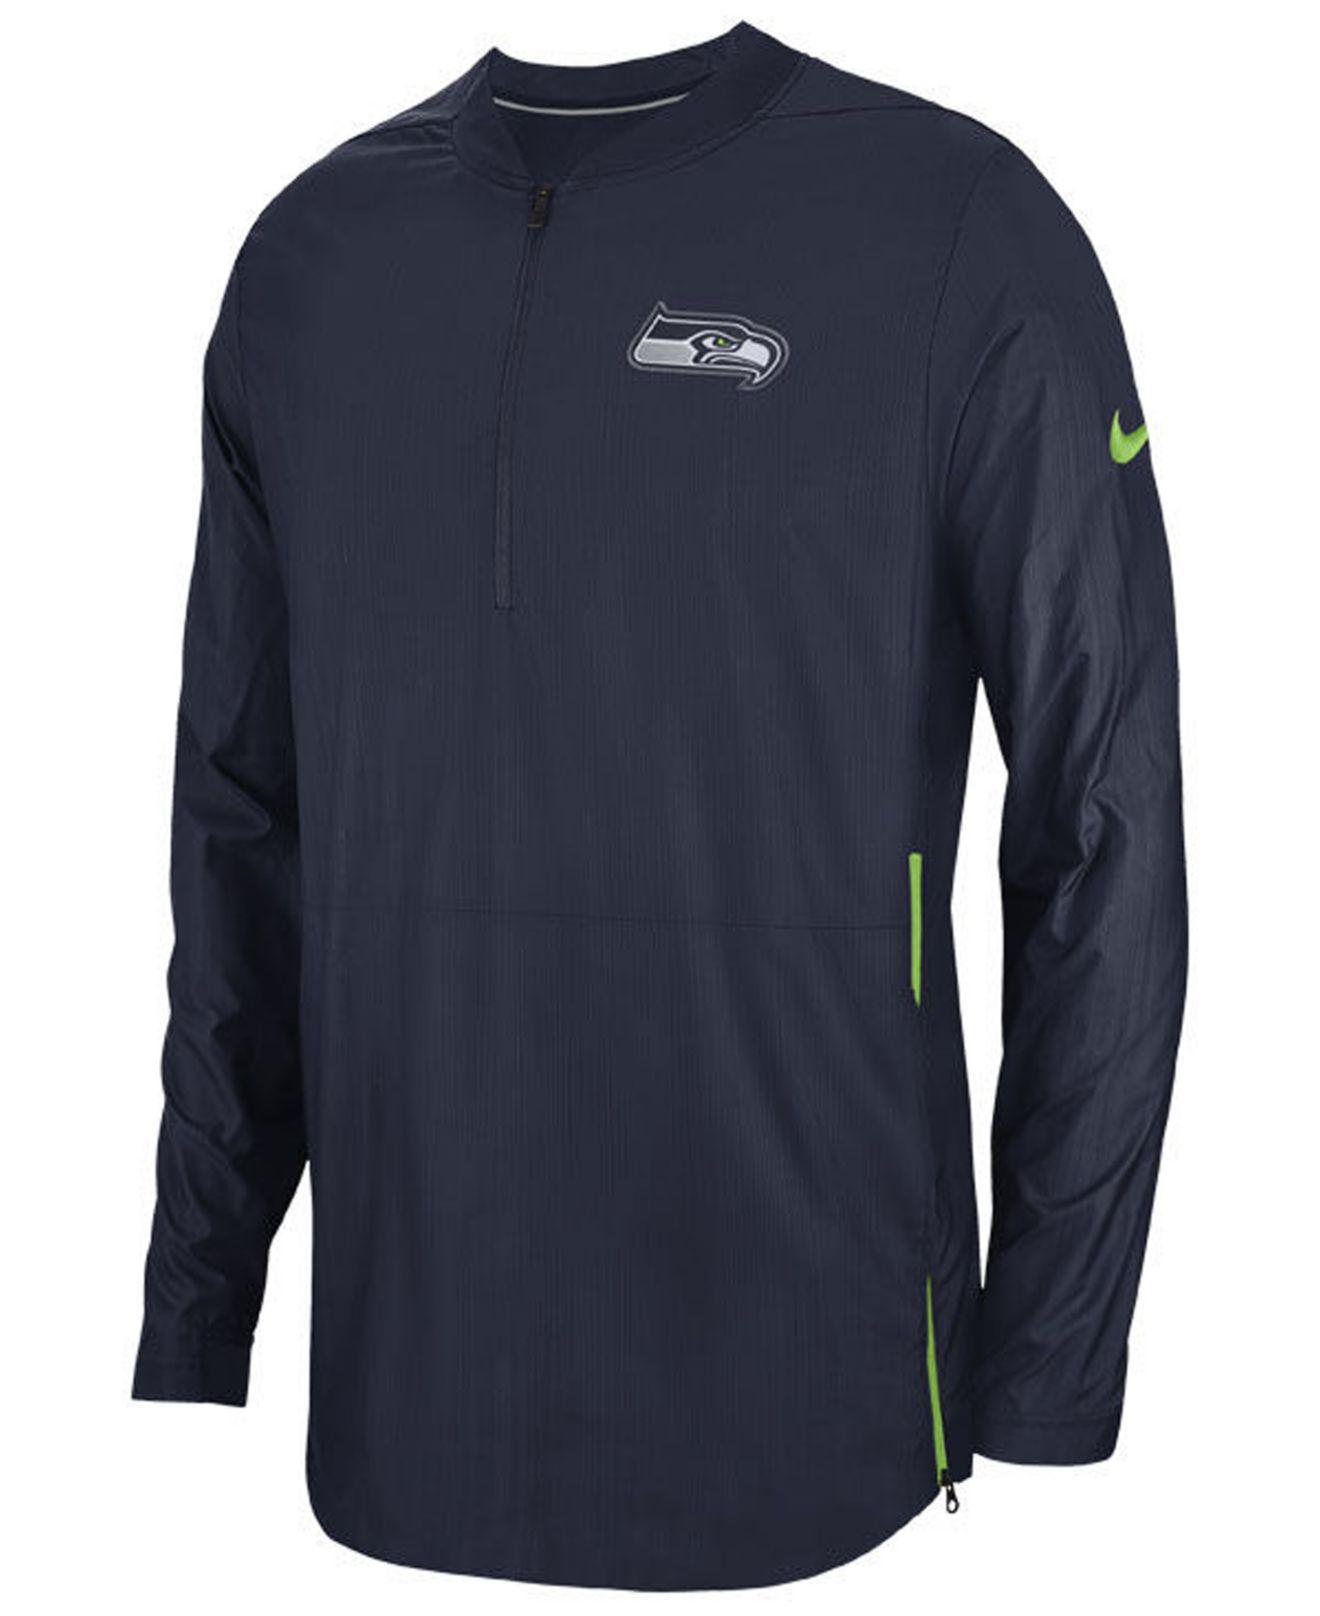 Lyst - Nike Seattle Seahawks Lockdown Jacket in Blue for Men 0e0a19727